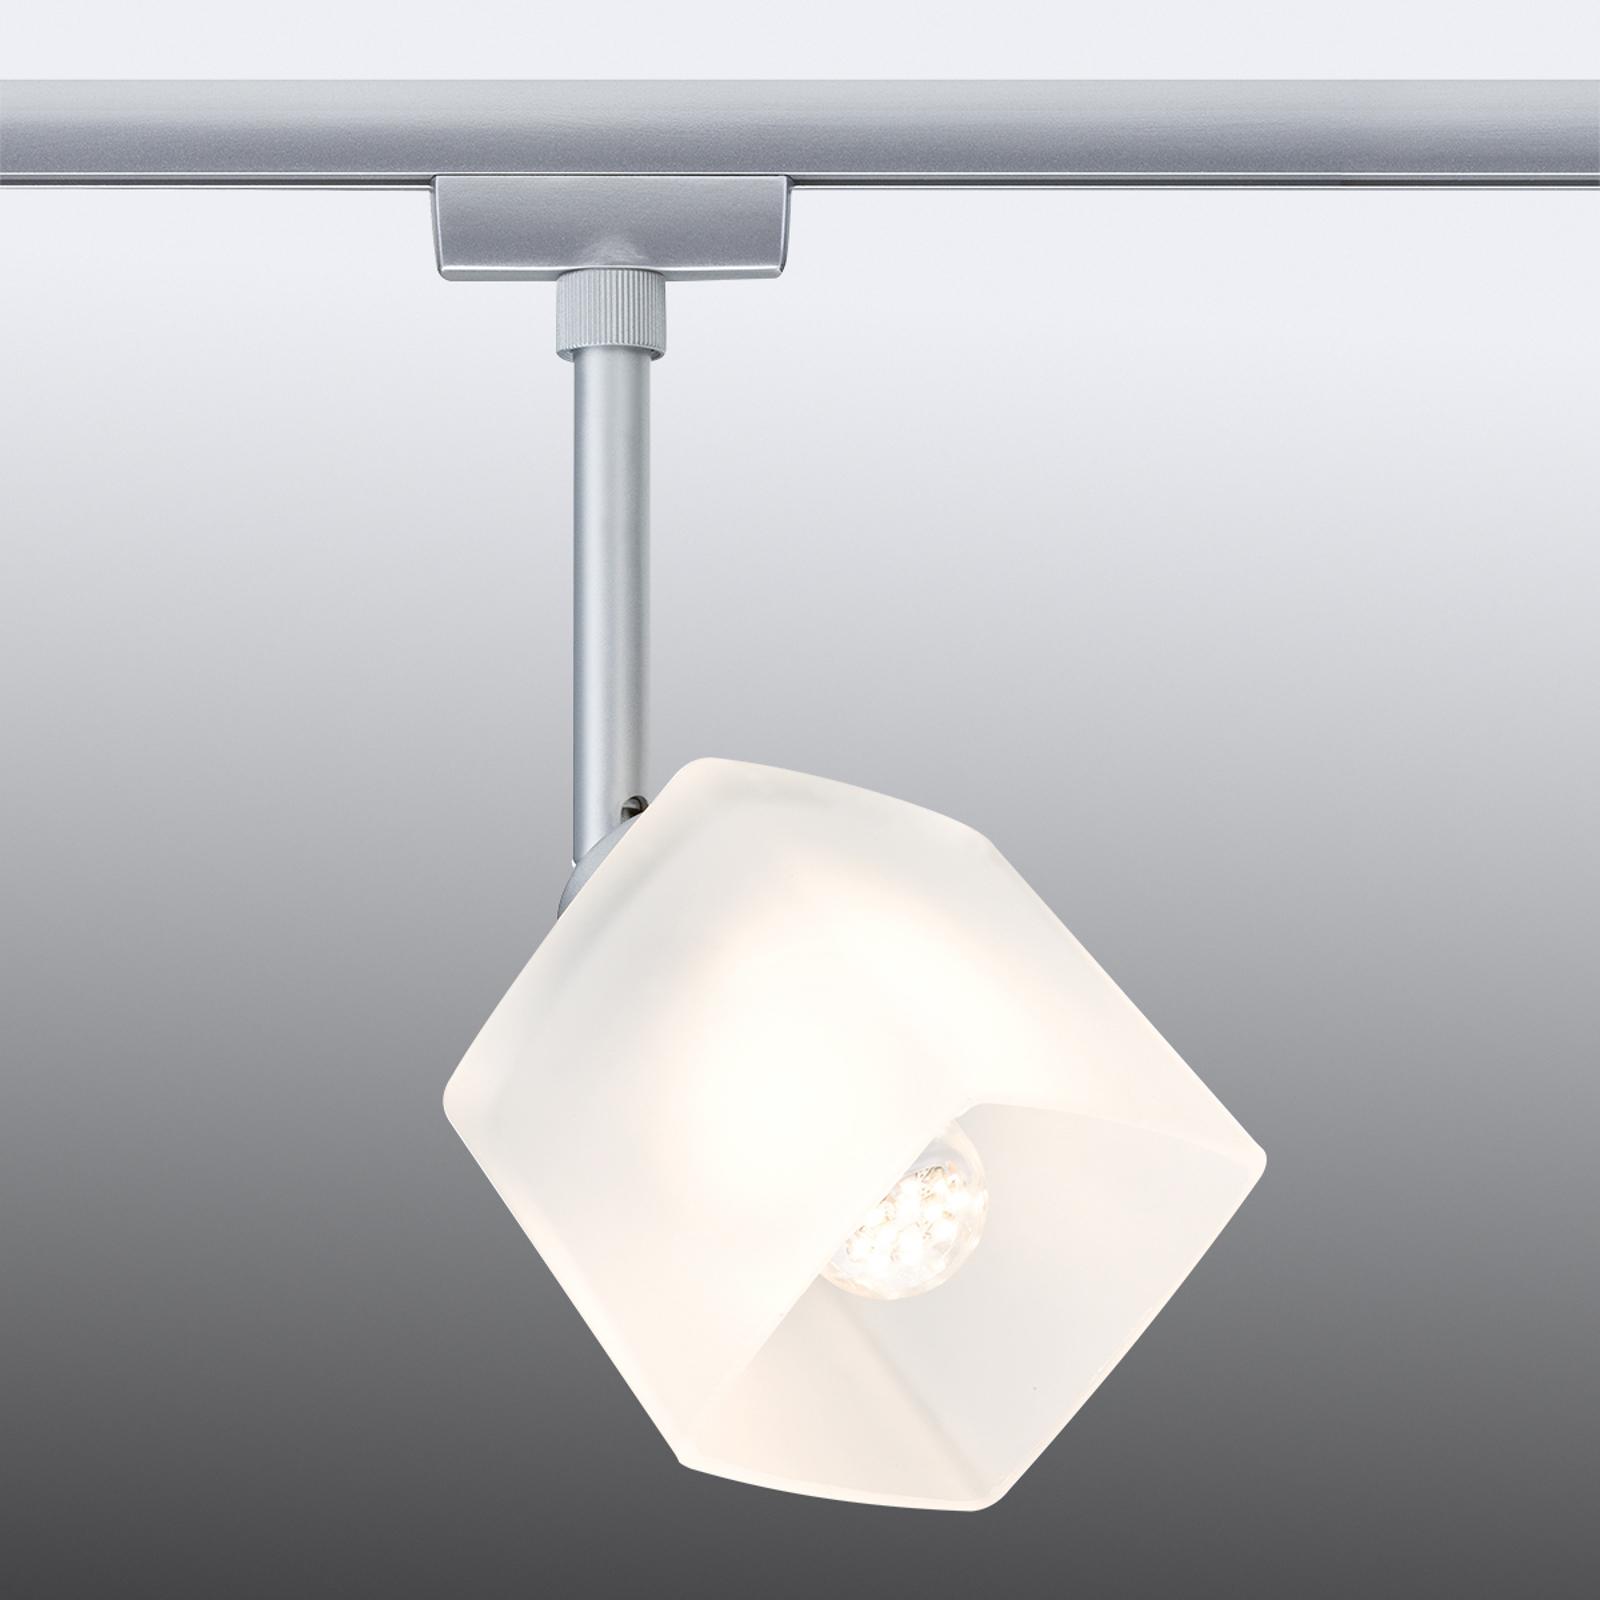 Spot Quad GU10 LED per binari URail Illuminazione per interni